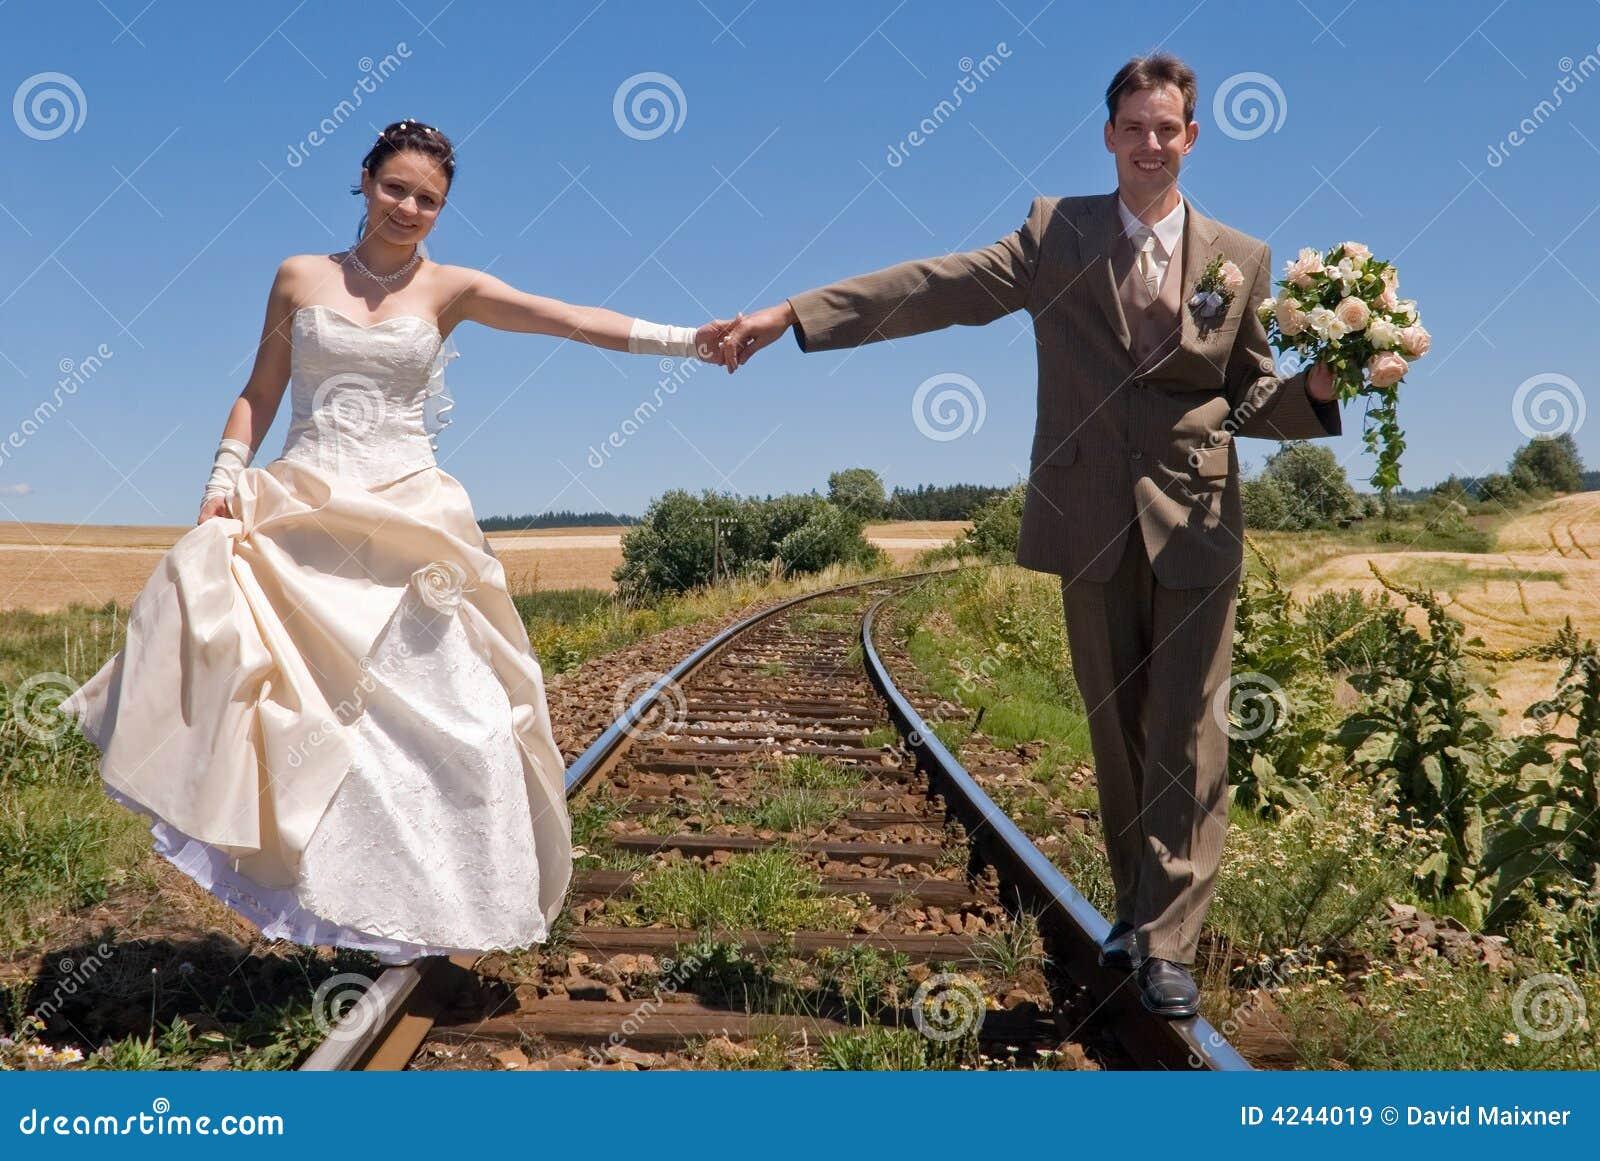 Mariée et marié sur des longerons